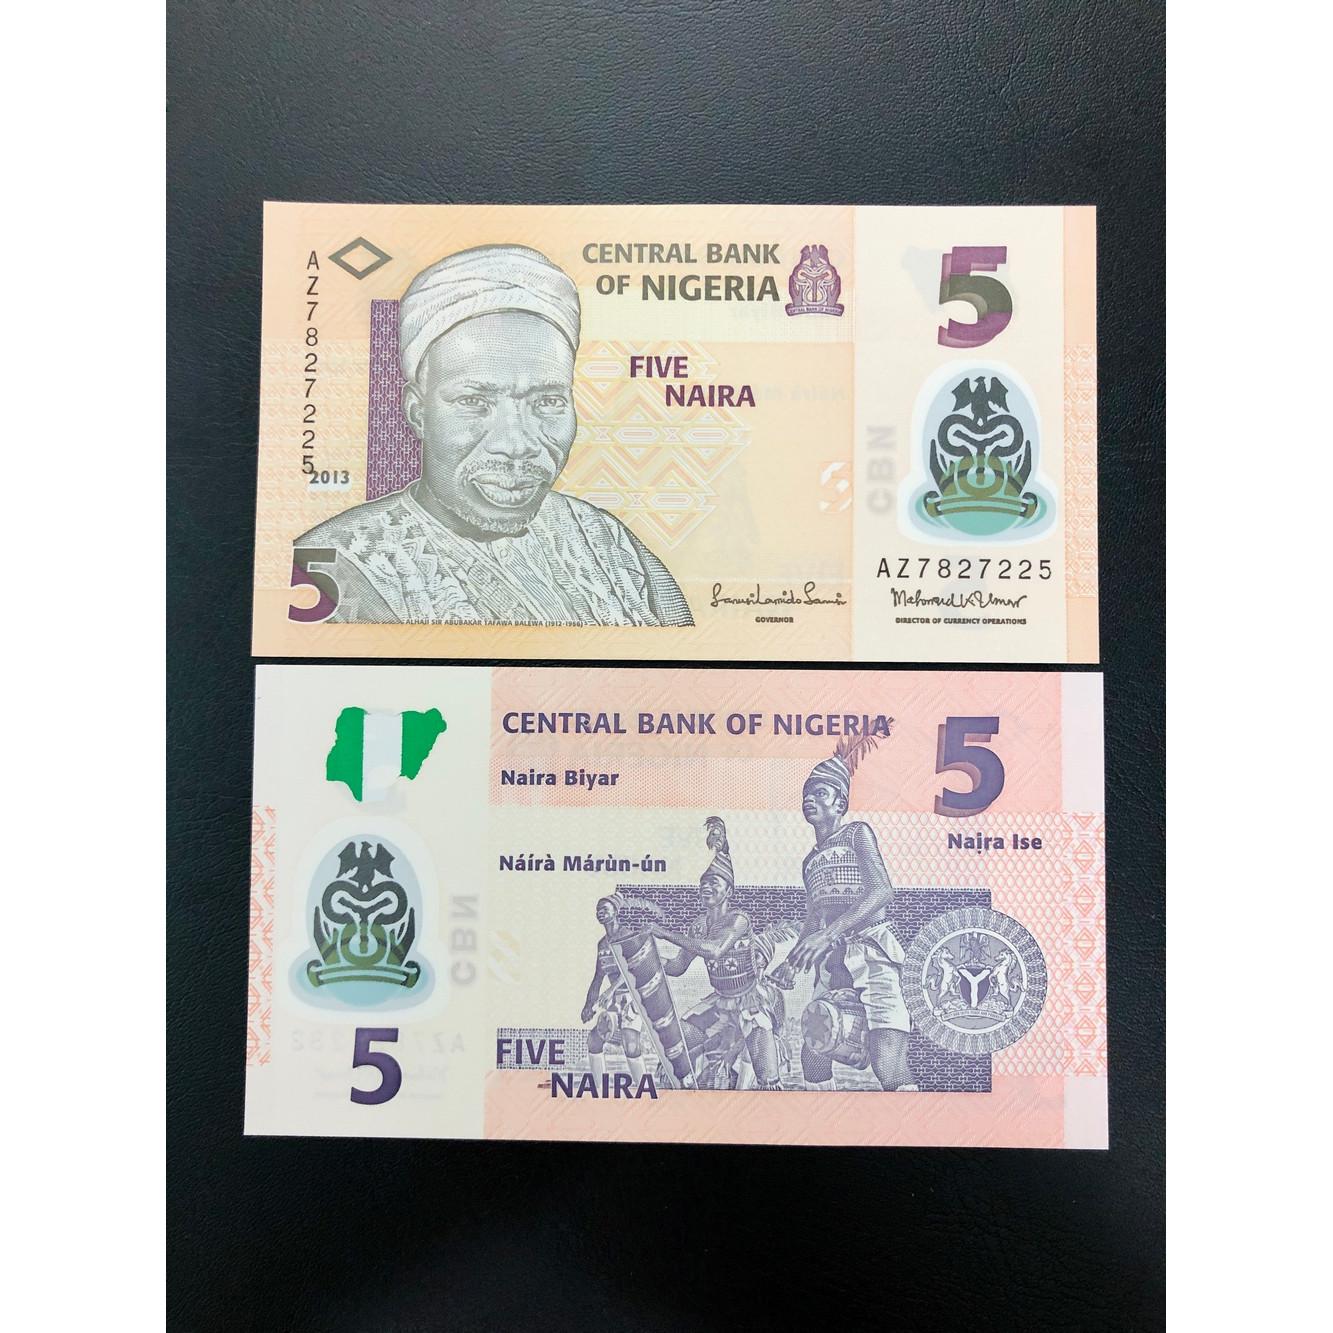 Tờ tiền đất nước Nigeria xưa 5 Naira bằng polyme